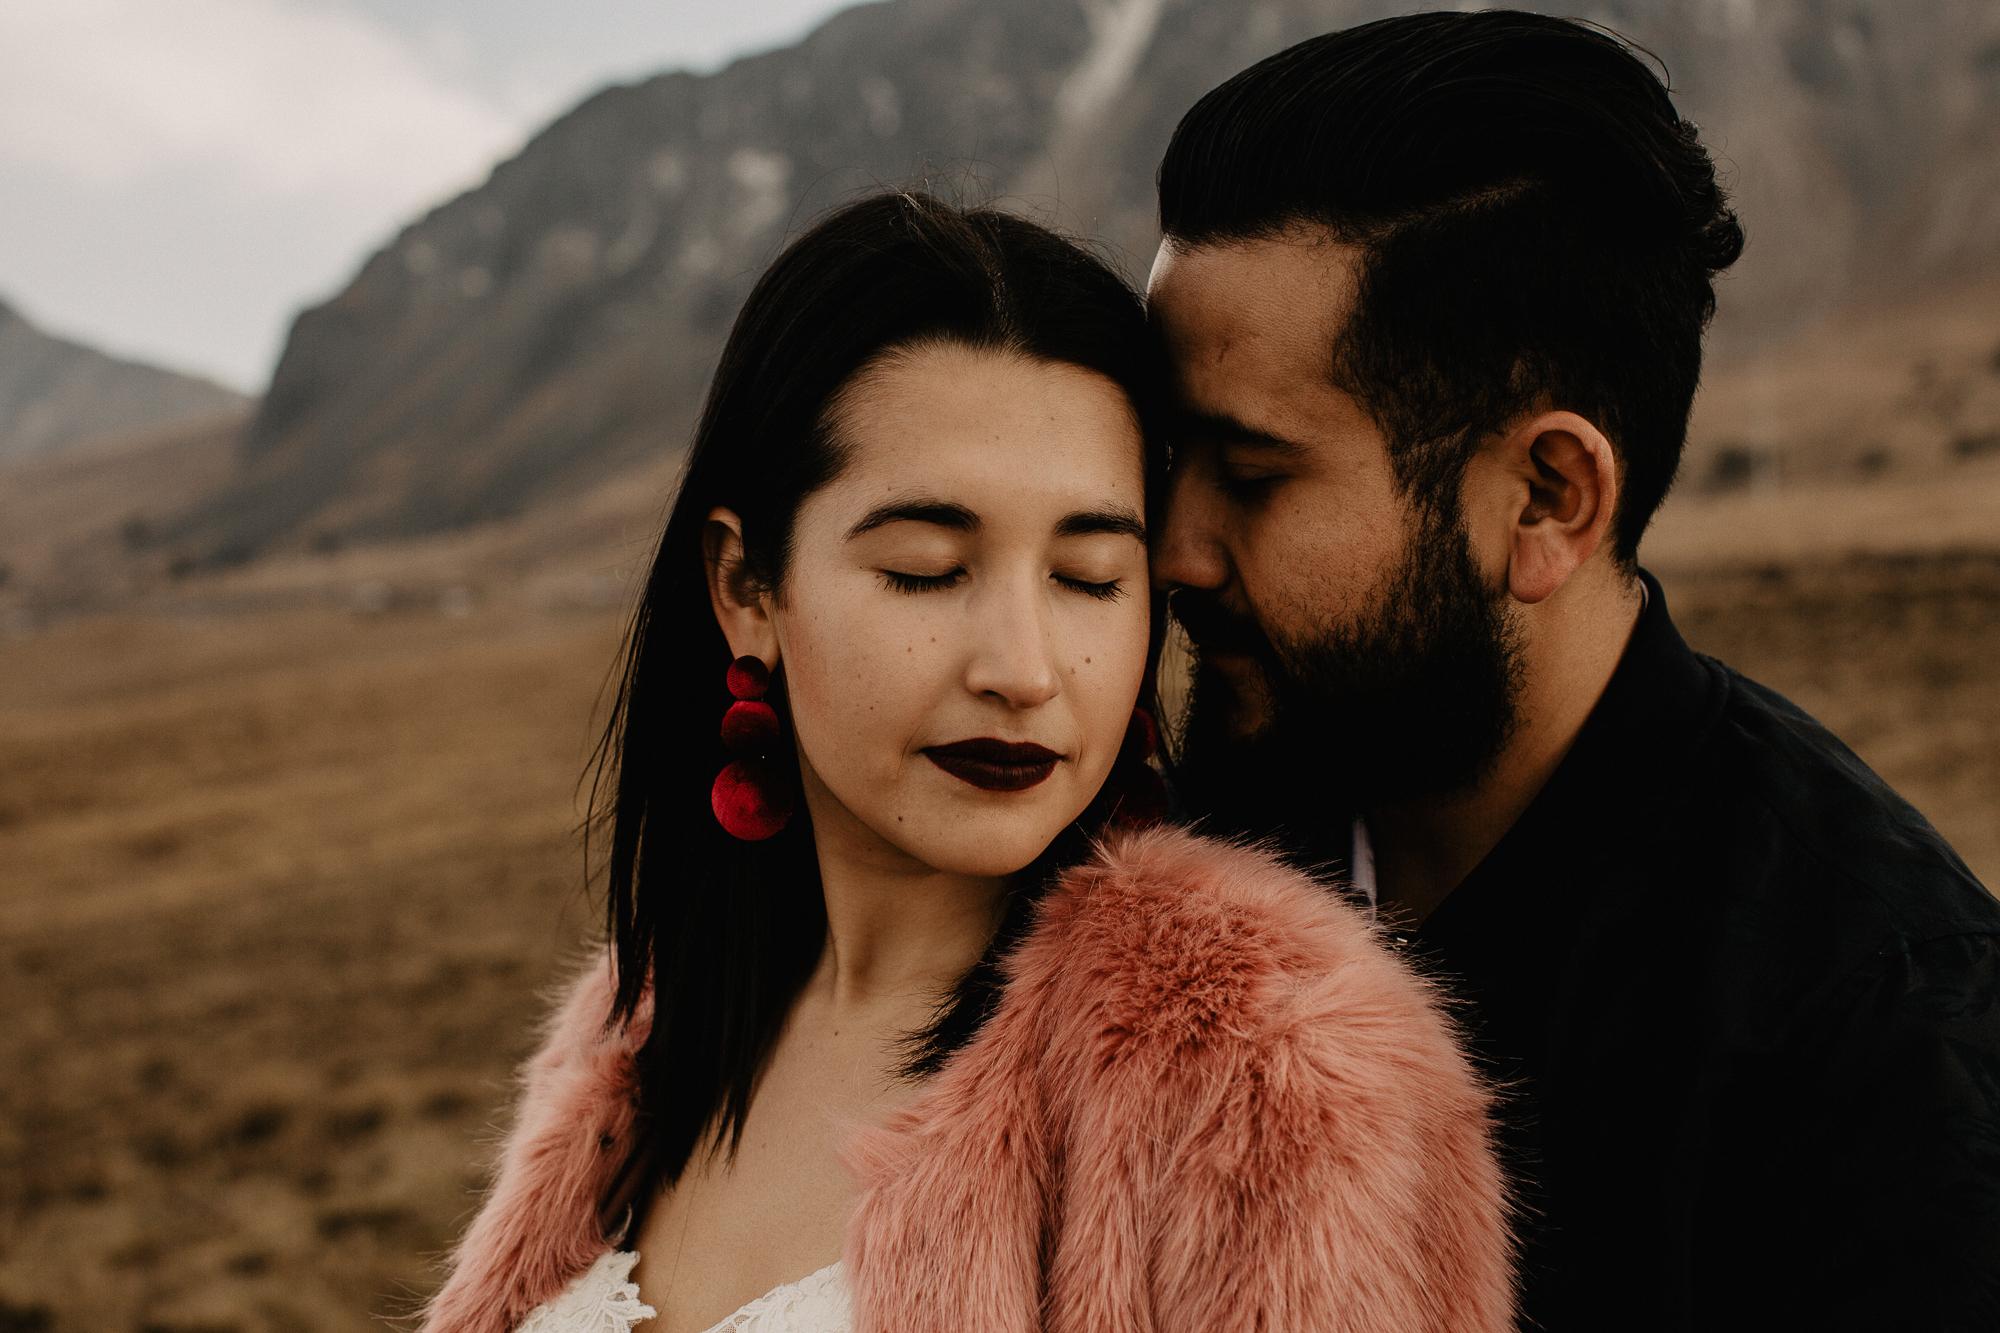 alfonso-flores-fotografo-de-bodas-nevado-de-toluca-sesion-de-pareja98.jpg